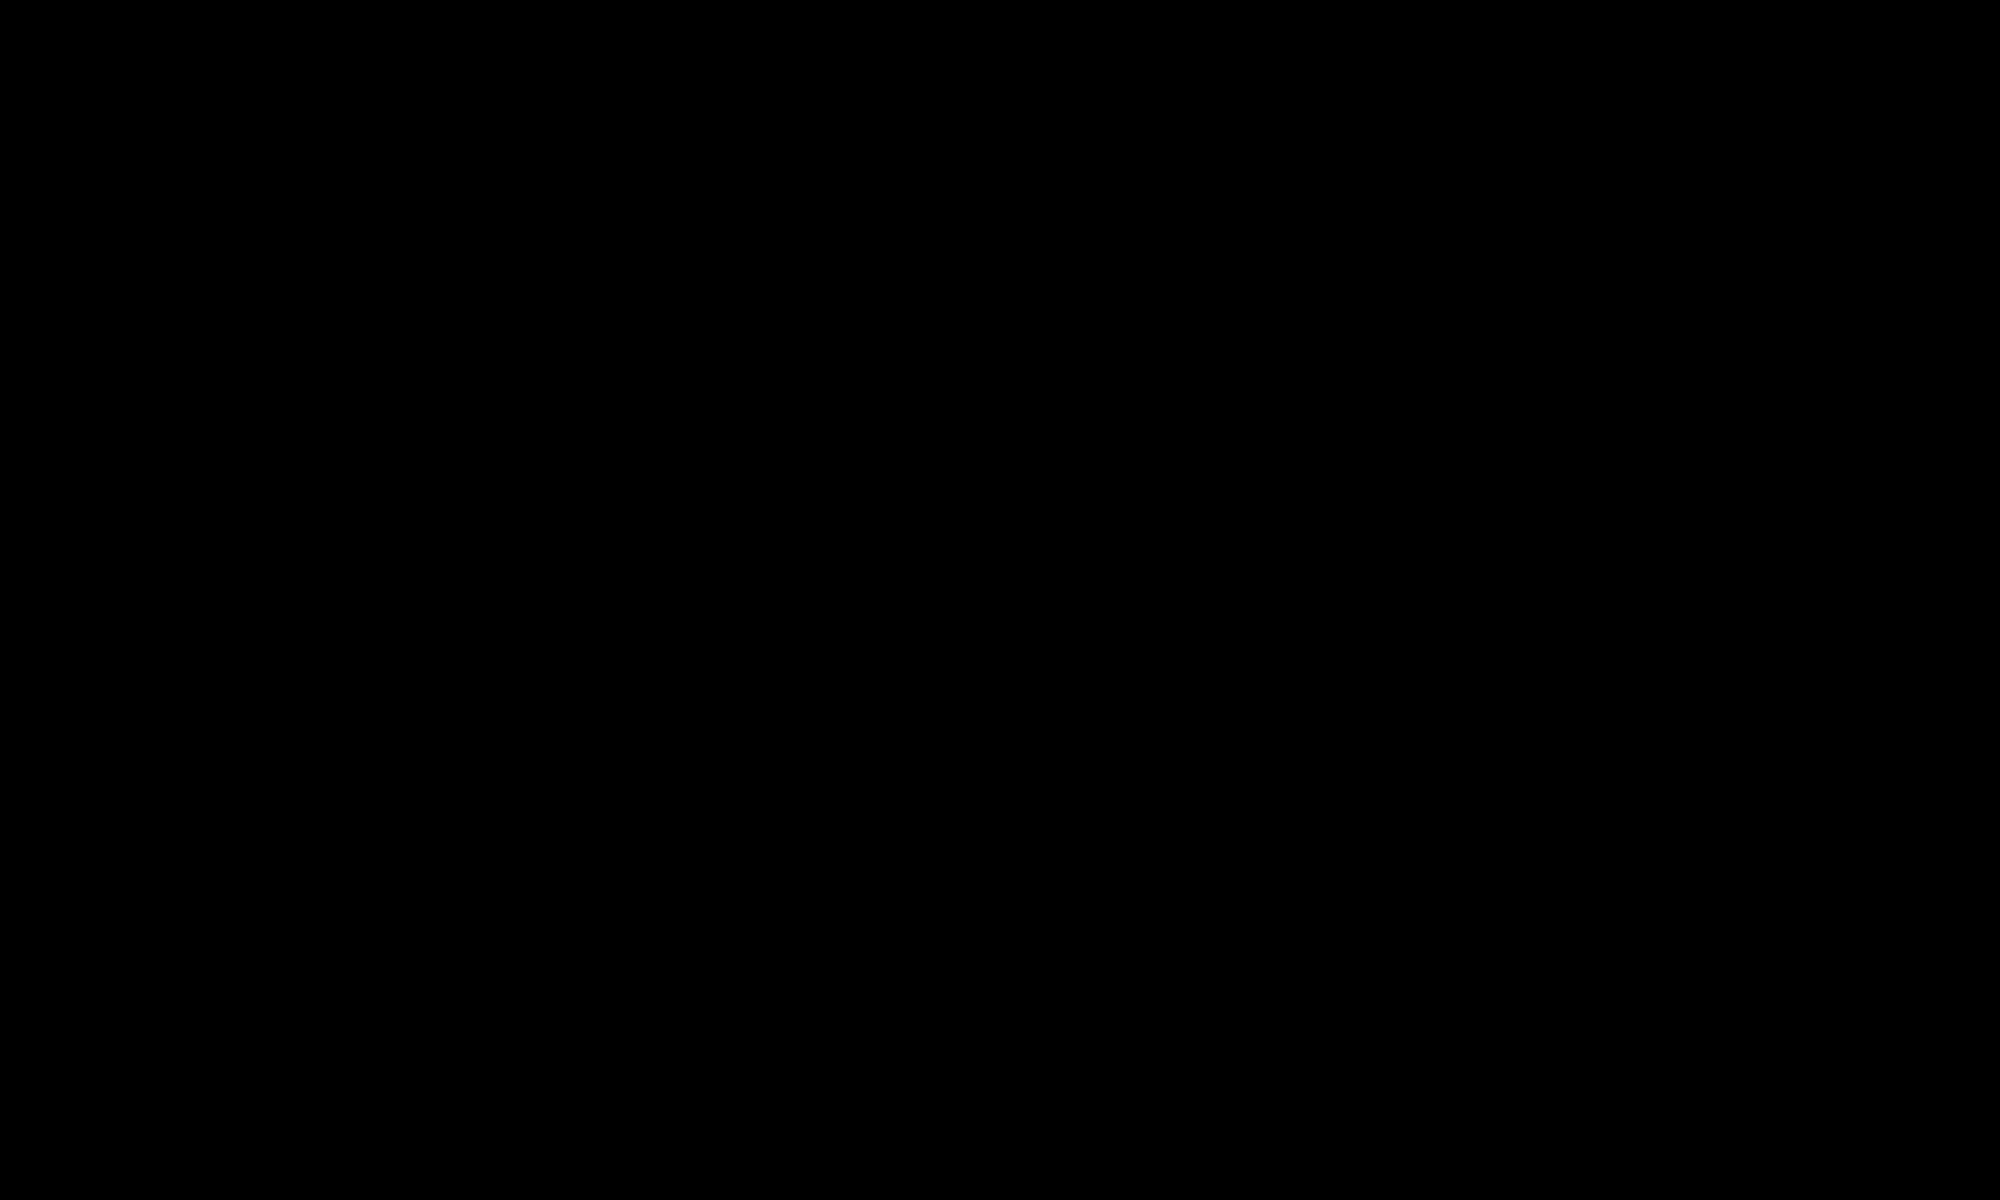 Le village des possibles le 15 octobre 2017